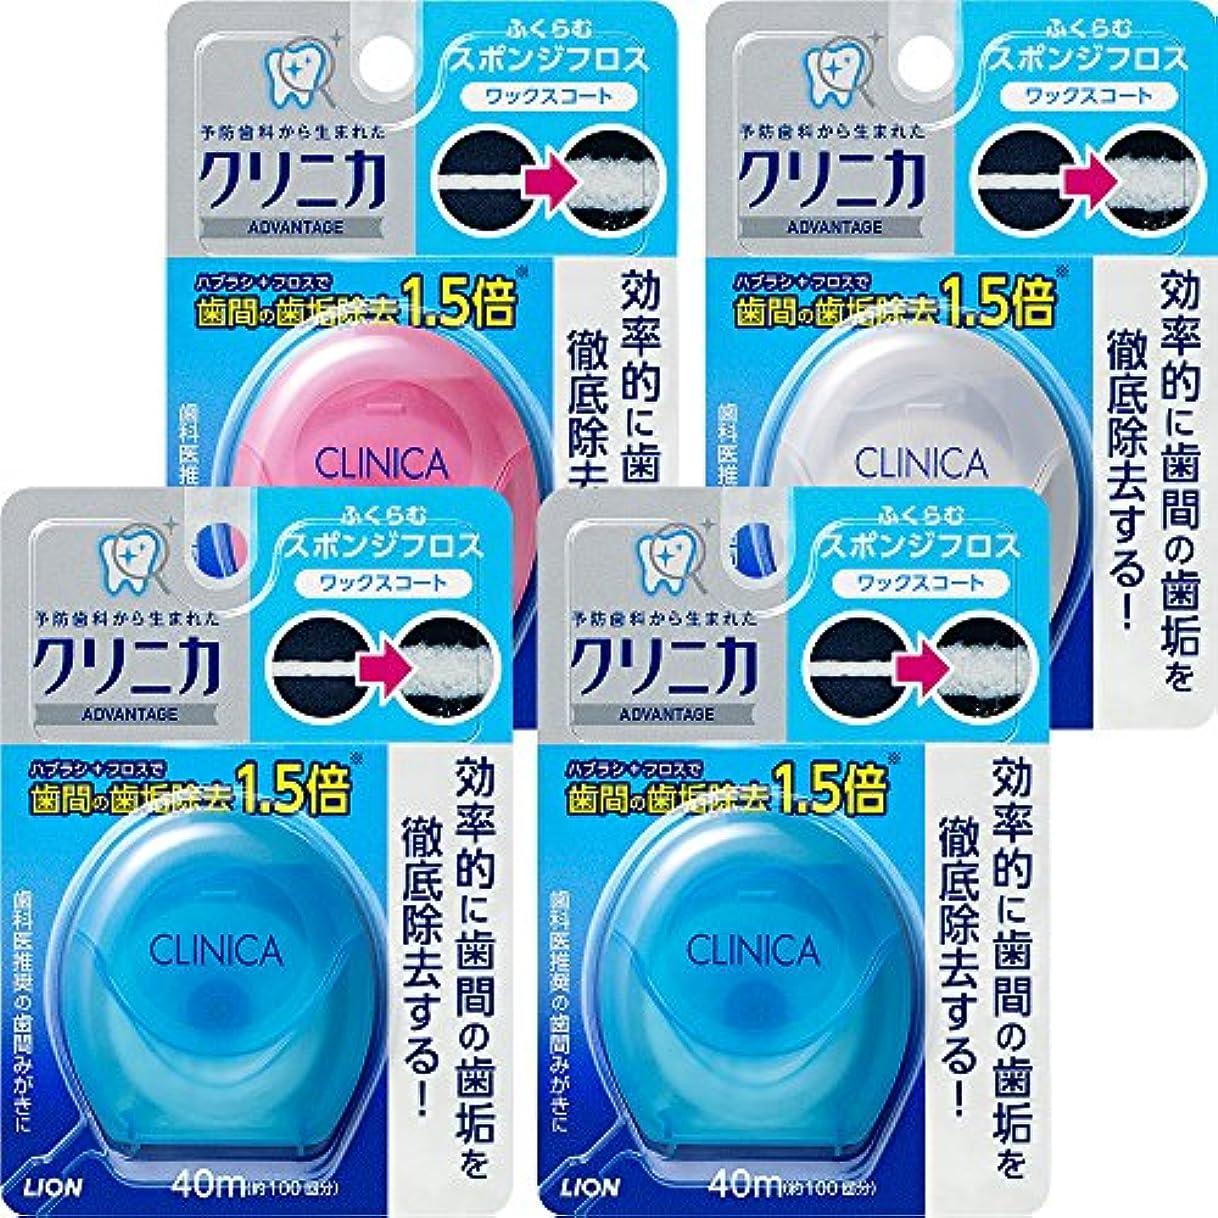 ギャングカウント傘クリニカ アドバンテージスポンジフロス 40m×4個(※色は選べません)